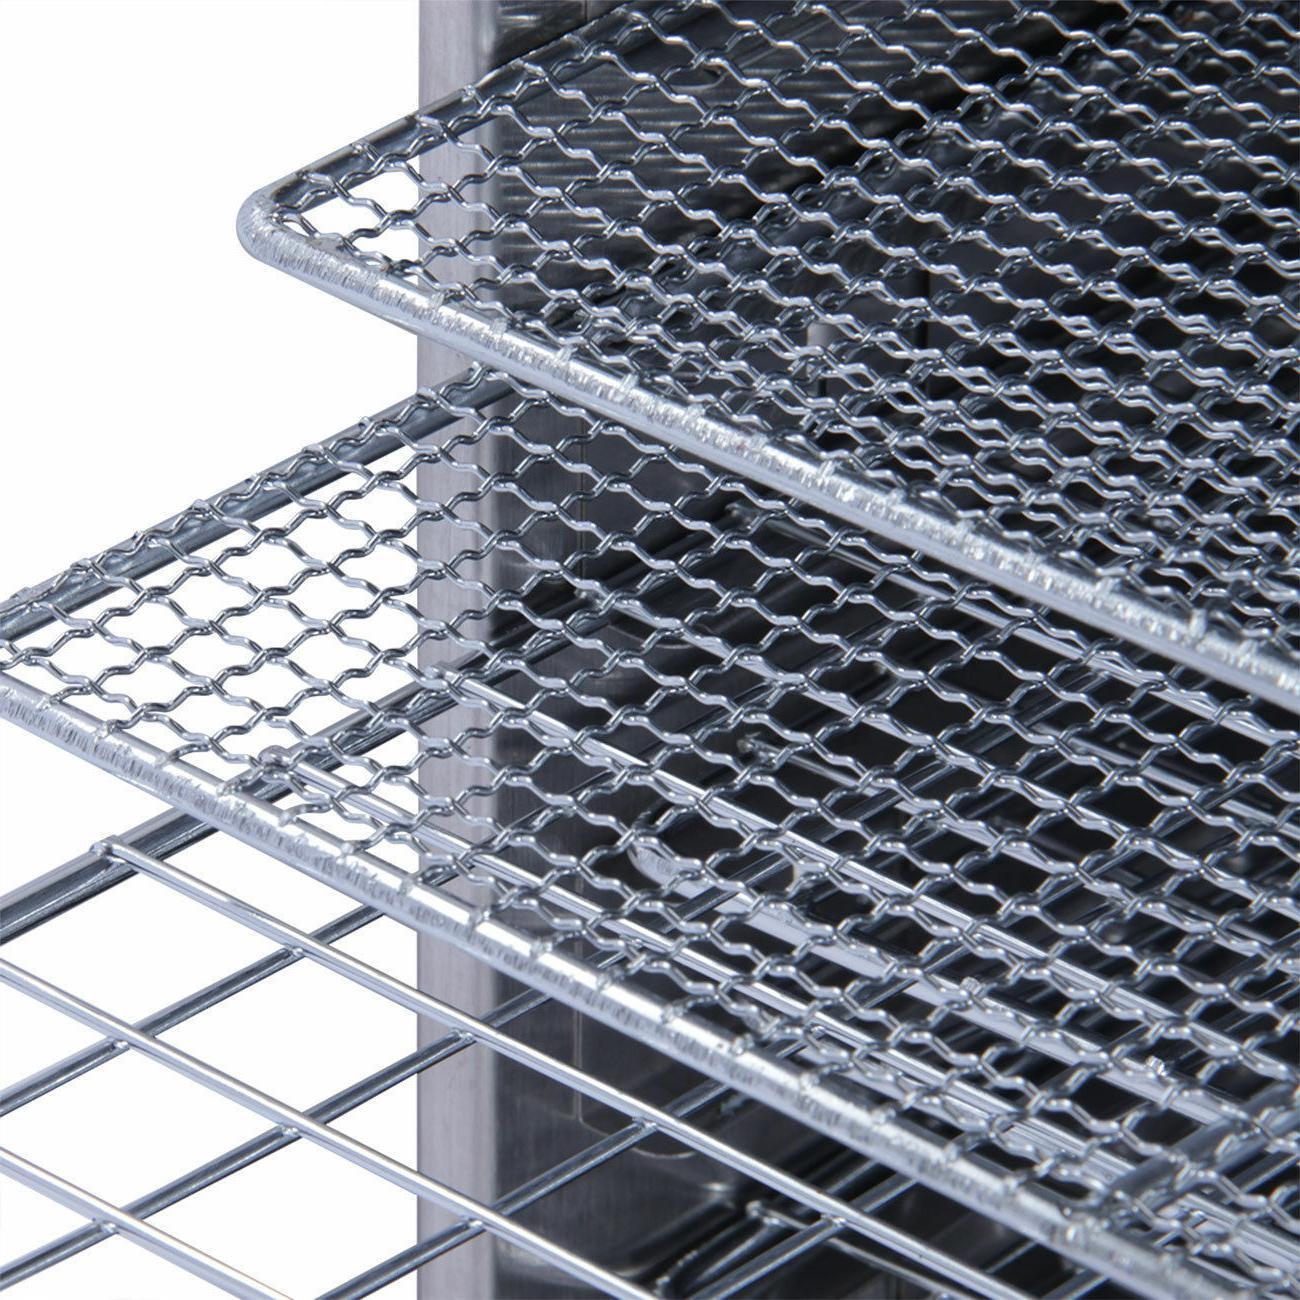 10 Steel Dry Food Dehydrator Heat Blower